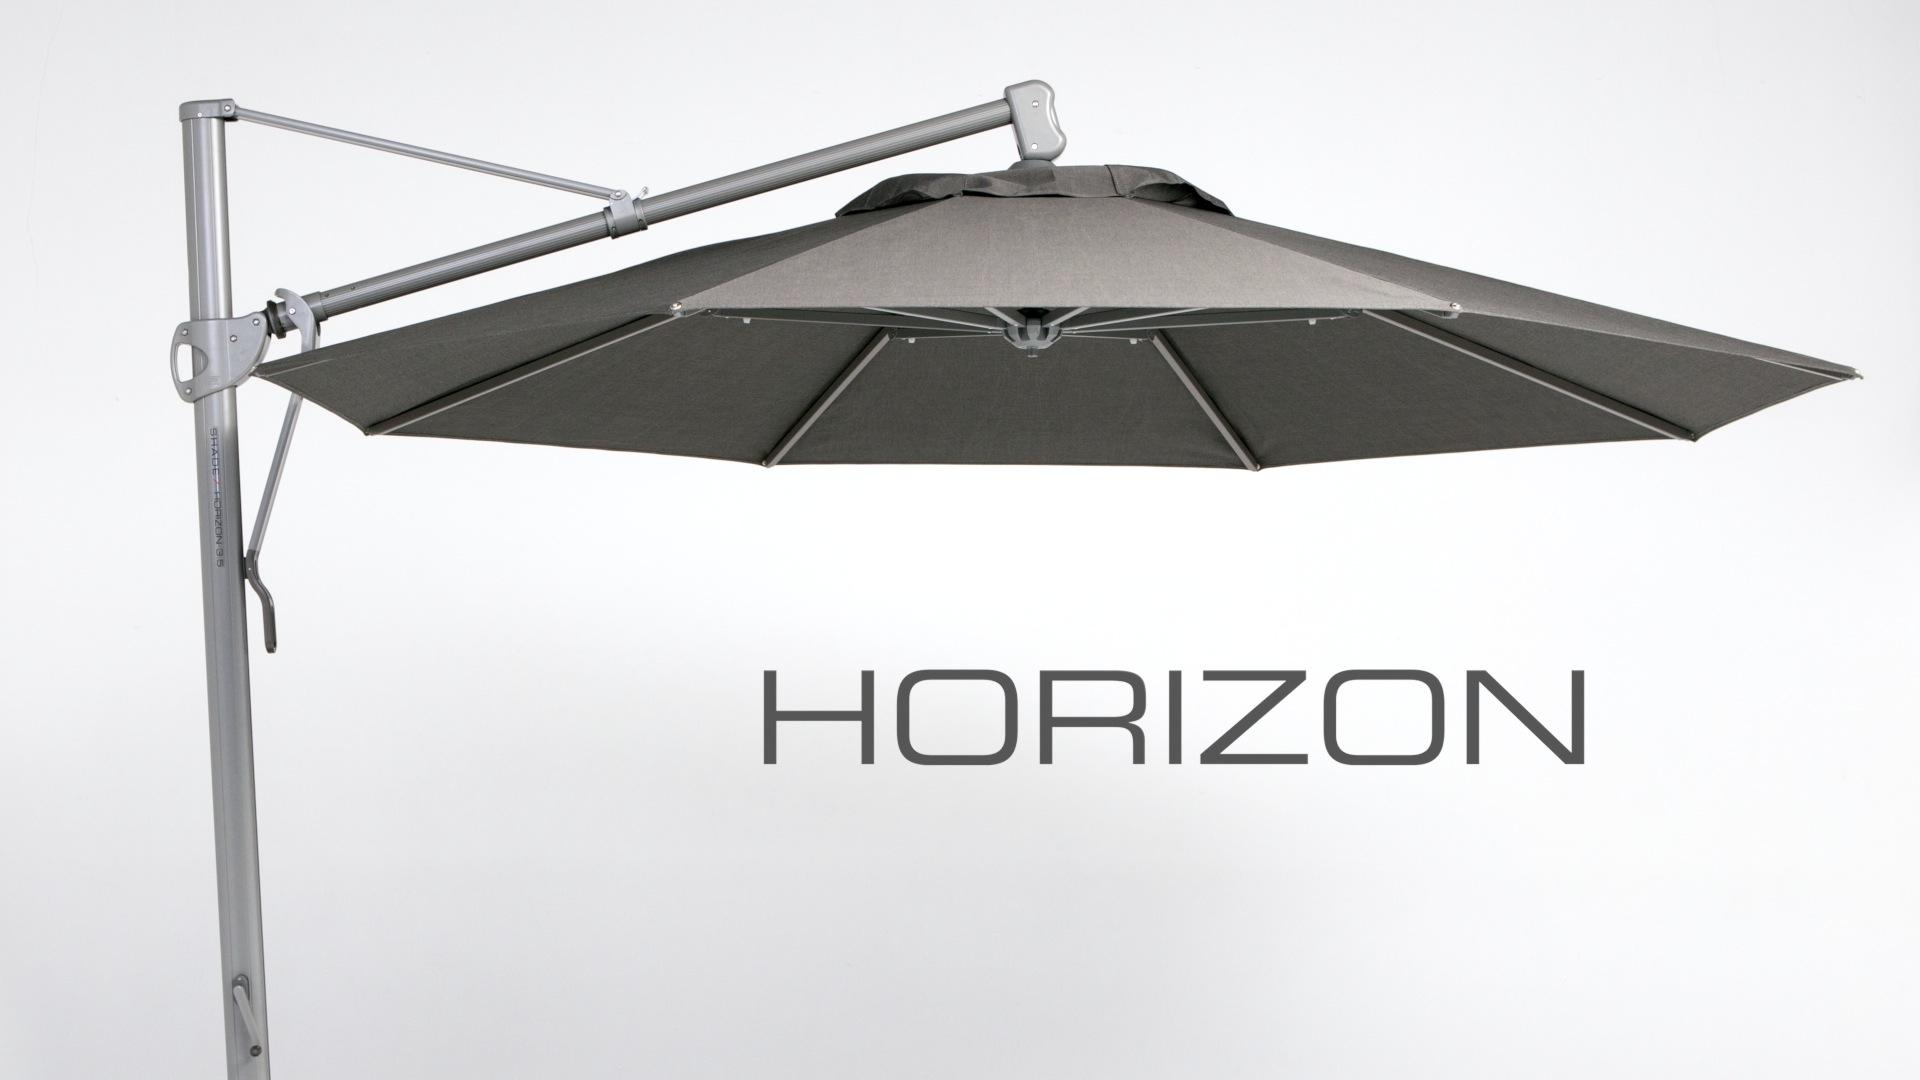 Horizon Cantilever Umbrella